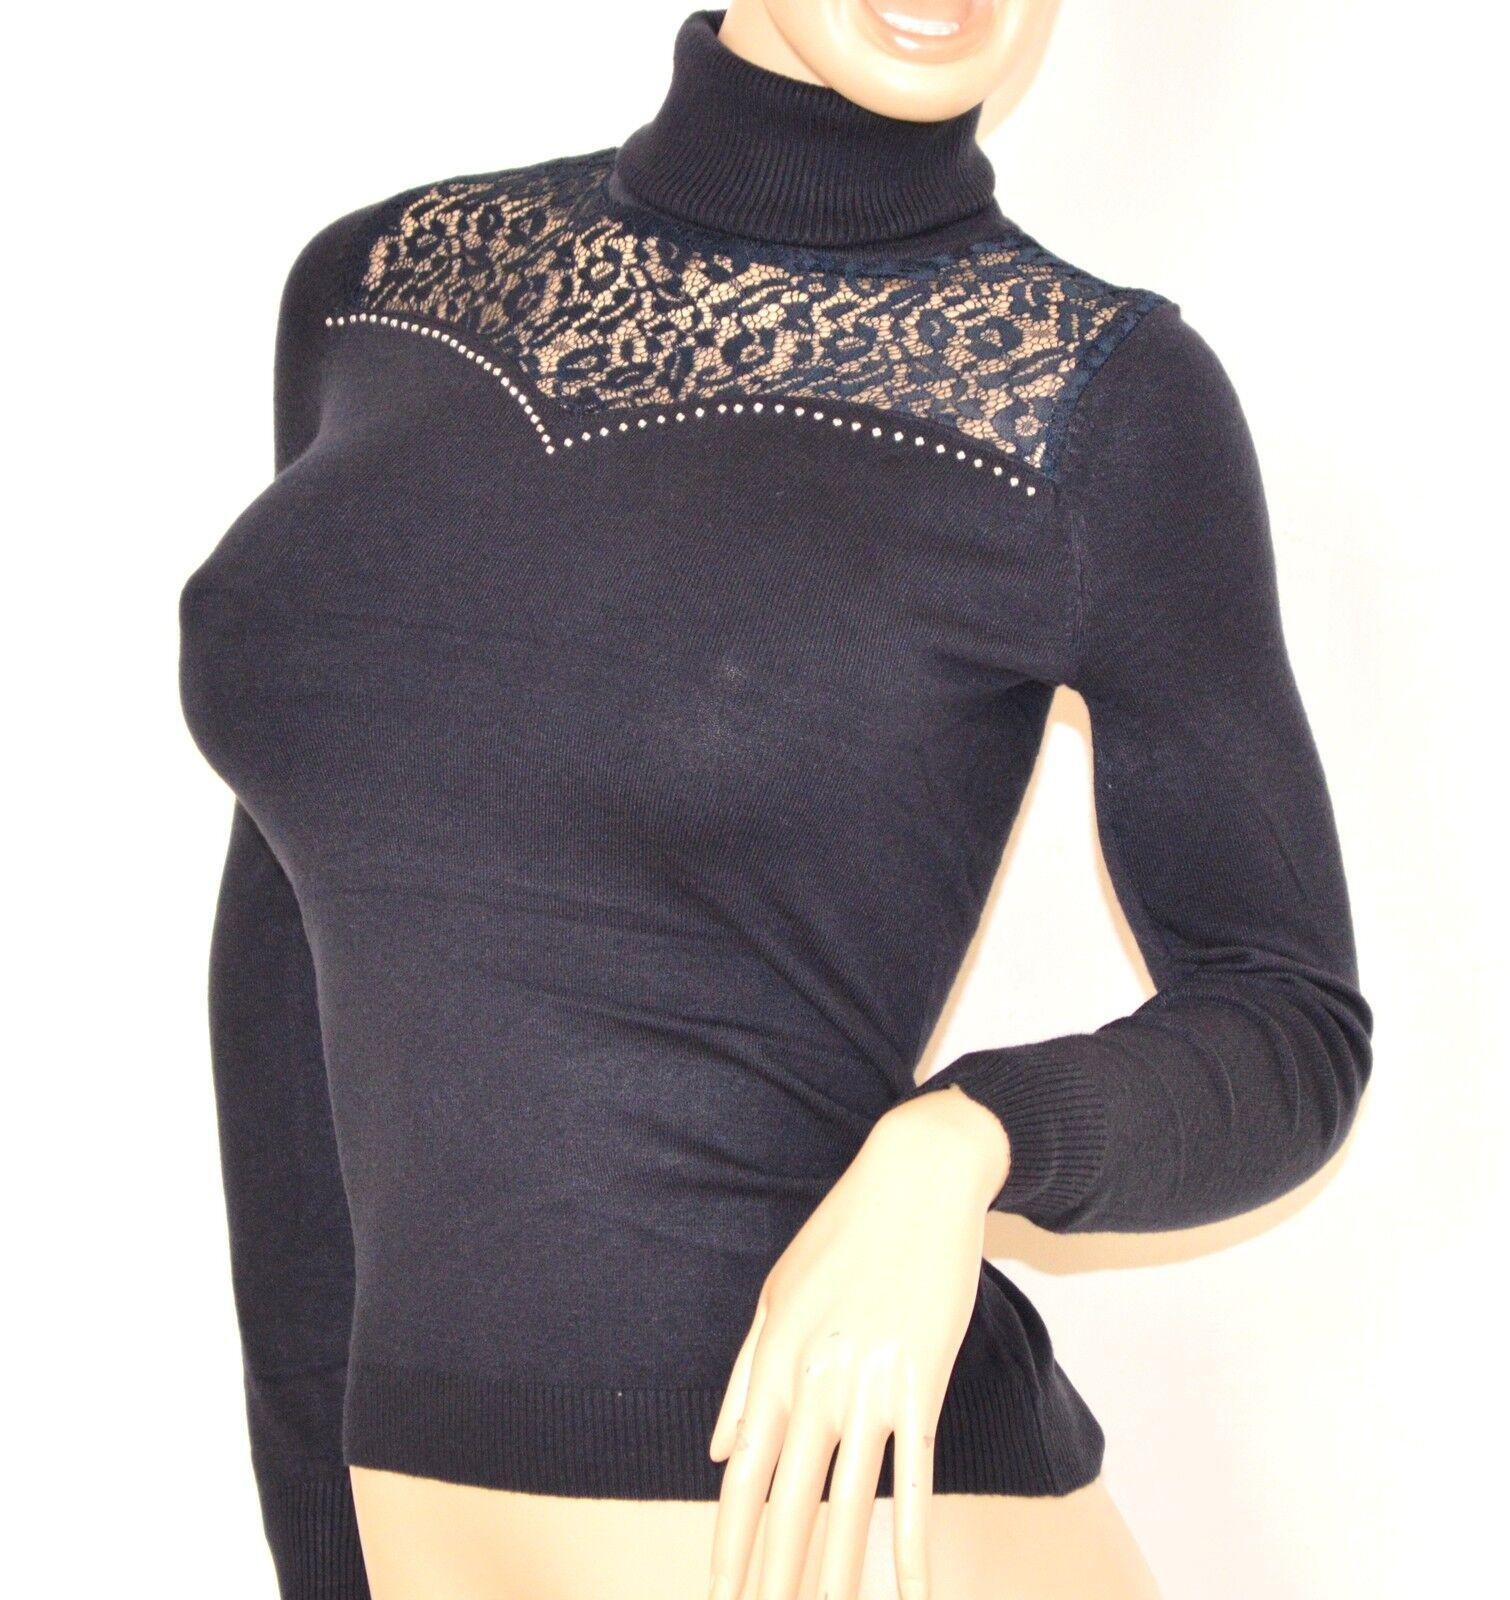 MAGLIETTA BLU collo alto maglione donna ricamato manica manica manica lunga sottogiacca   Z55 c4a508